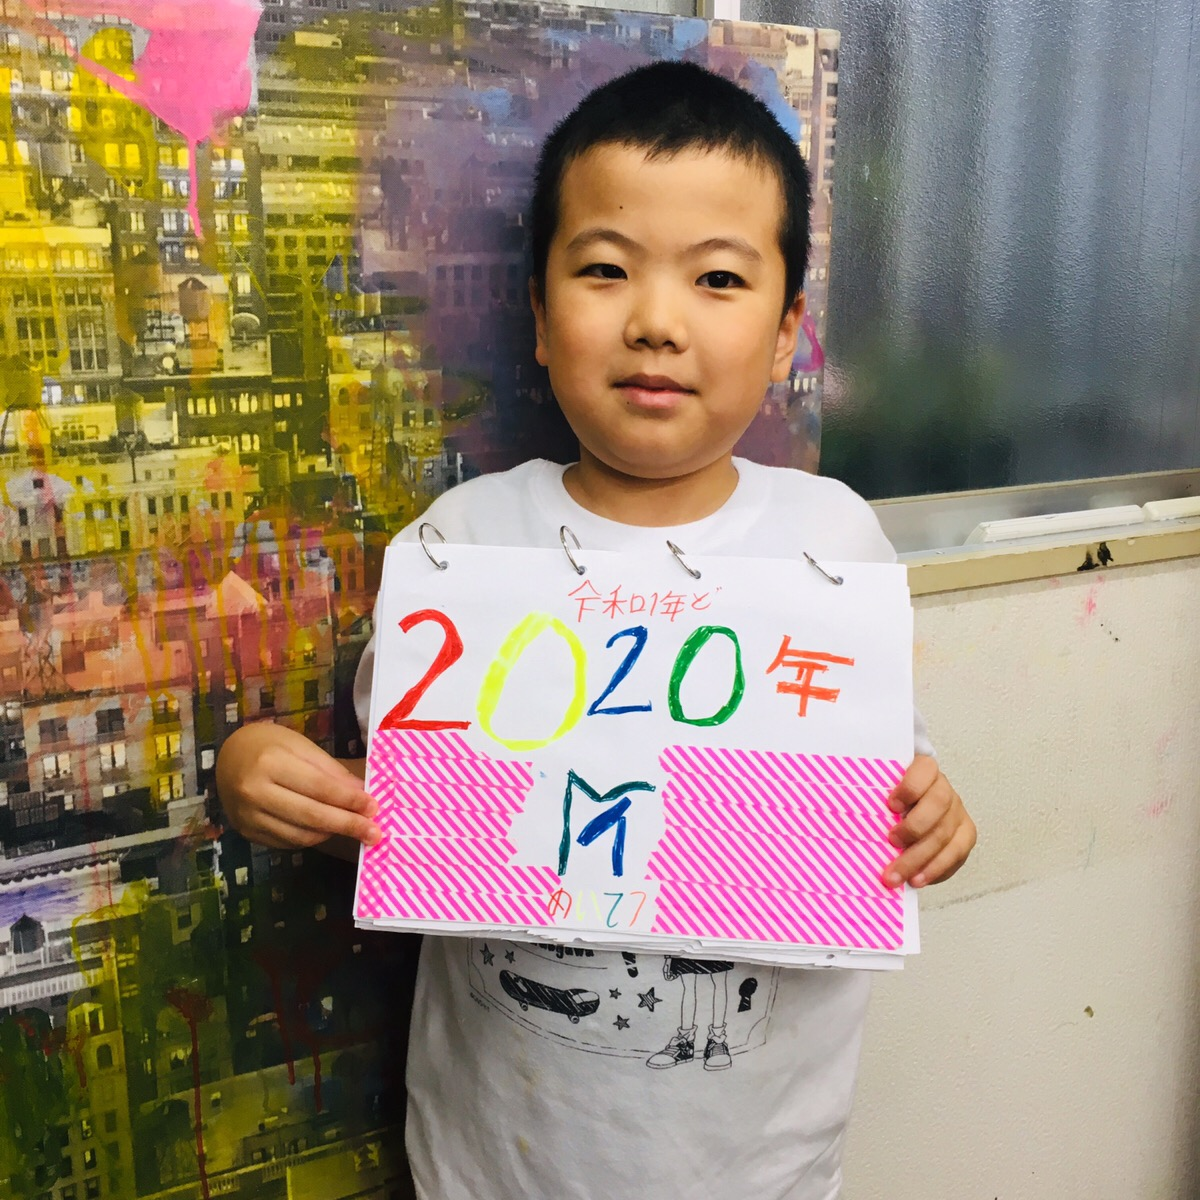 【2020年オリジナルカレンダー】を子供たちが作りました!